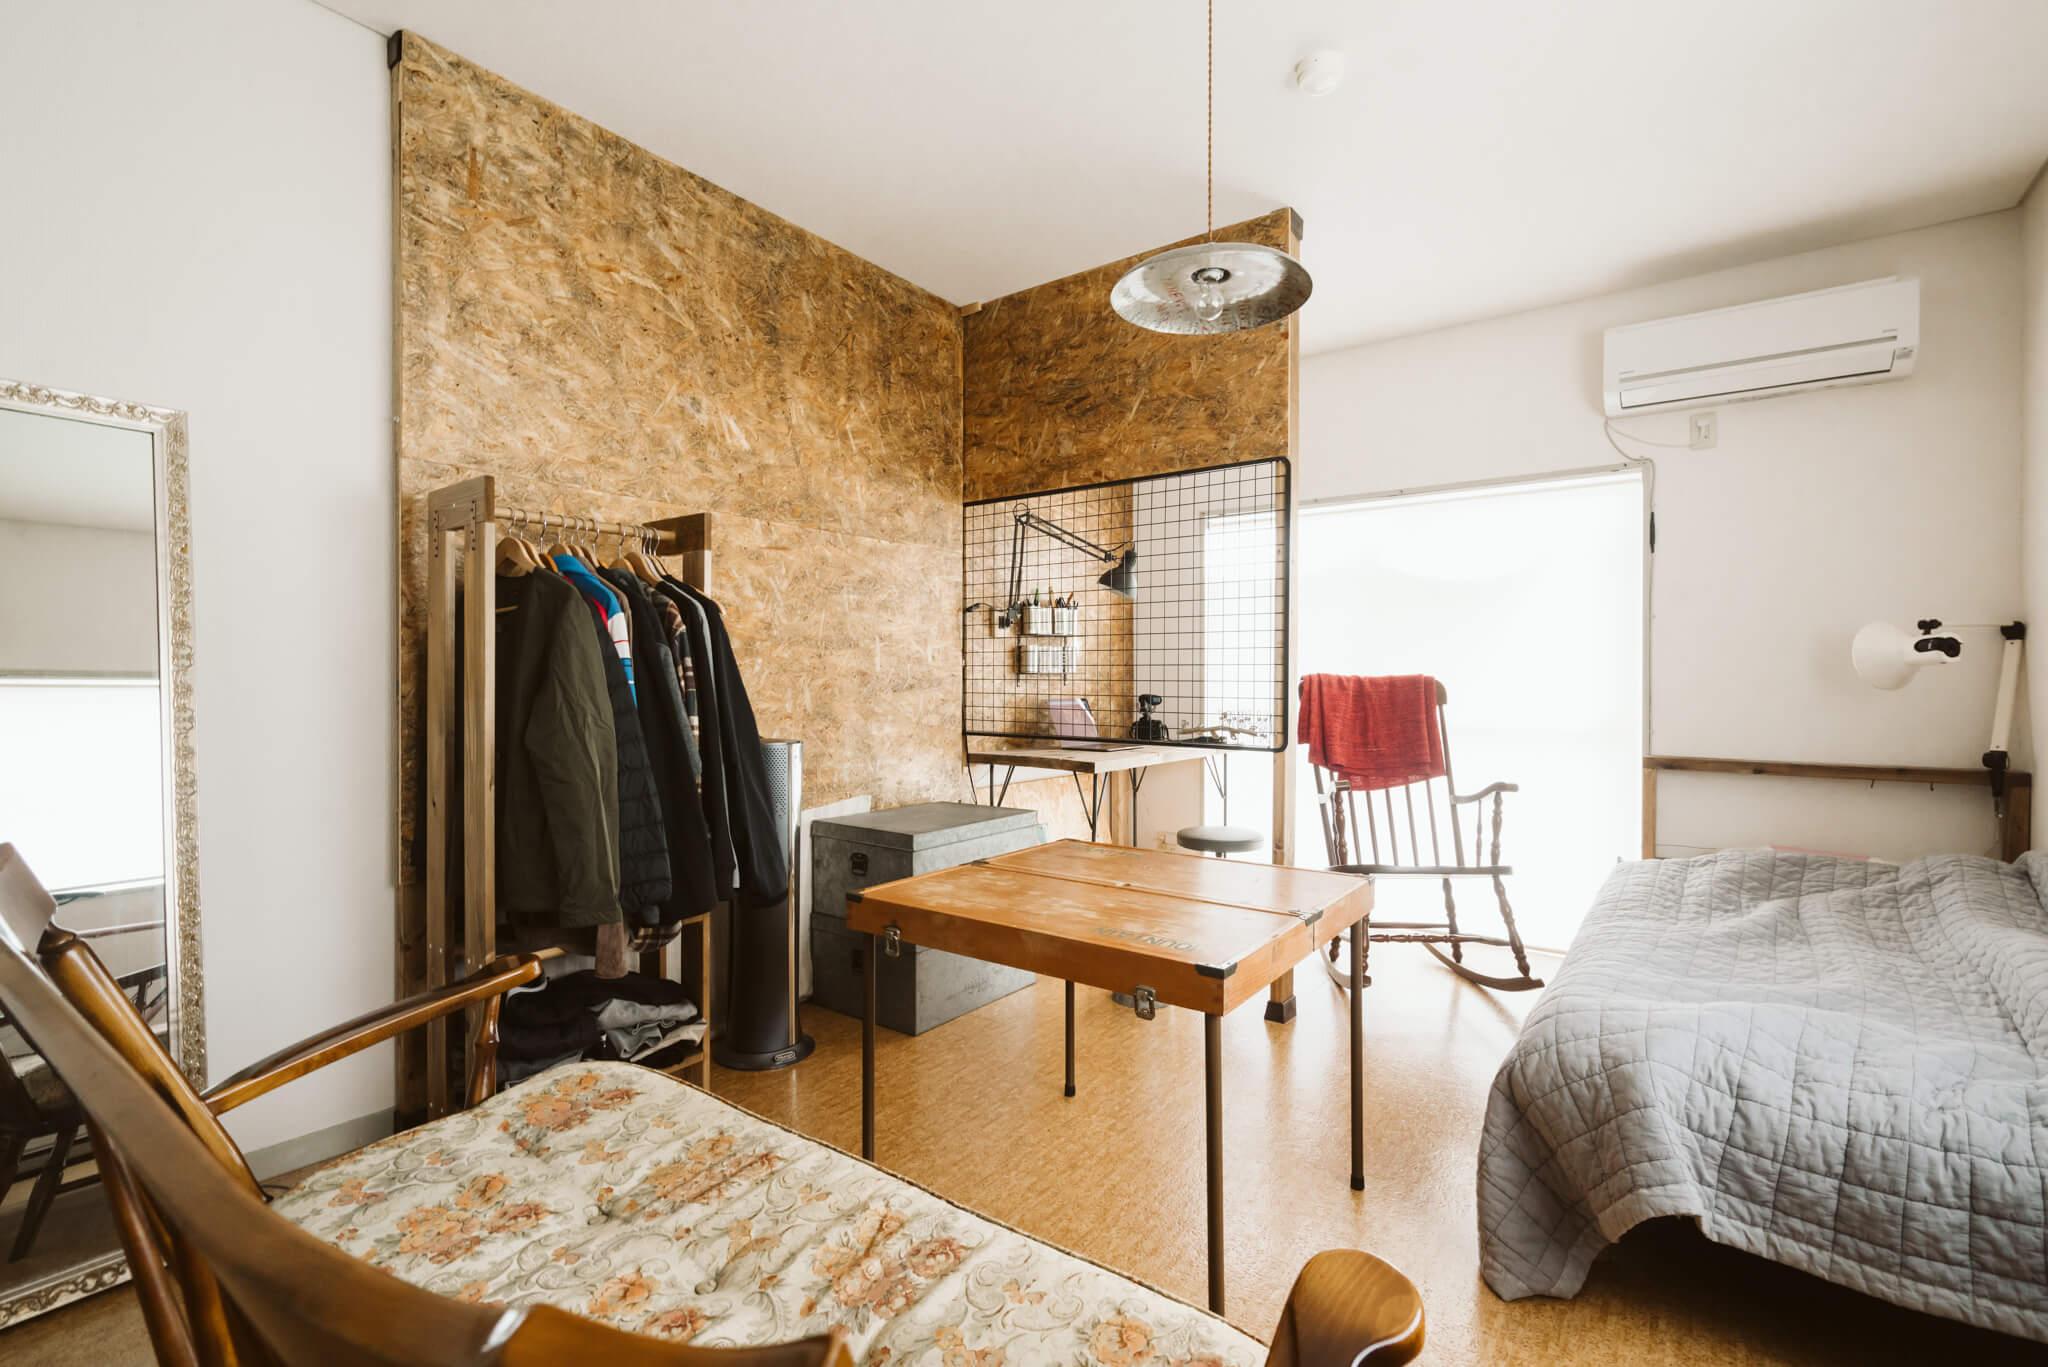 1階でも、窓が多いため明るい室内。壁にはディアウォールを利用して柱を立て、ホームセンターで気軽に手に入るサブロク板で壁を作っています。木目の雰囲気がおしゃれで、まるでデザイナーズのお部屋のよう。